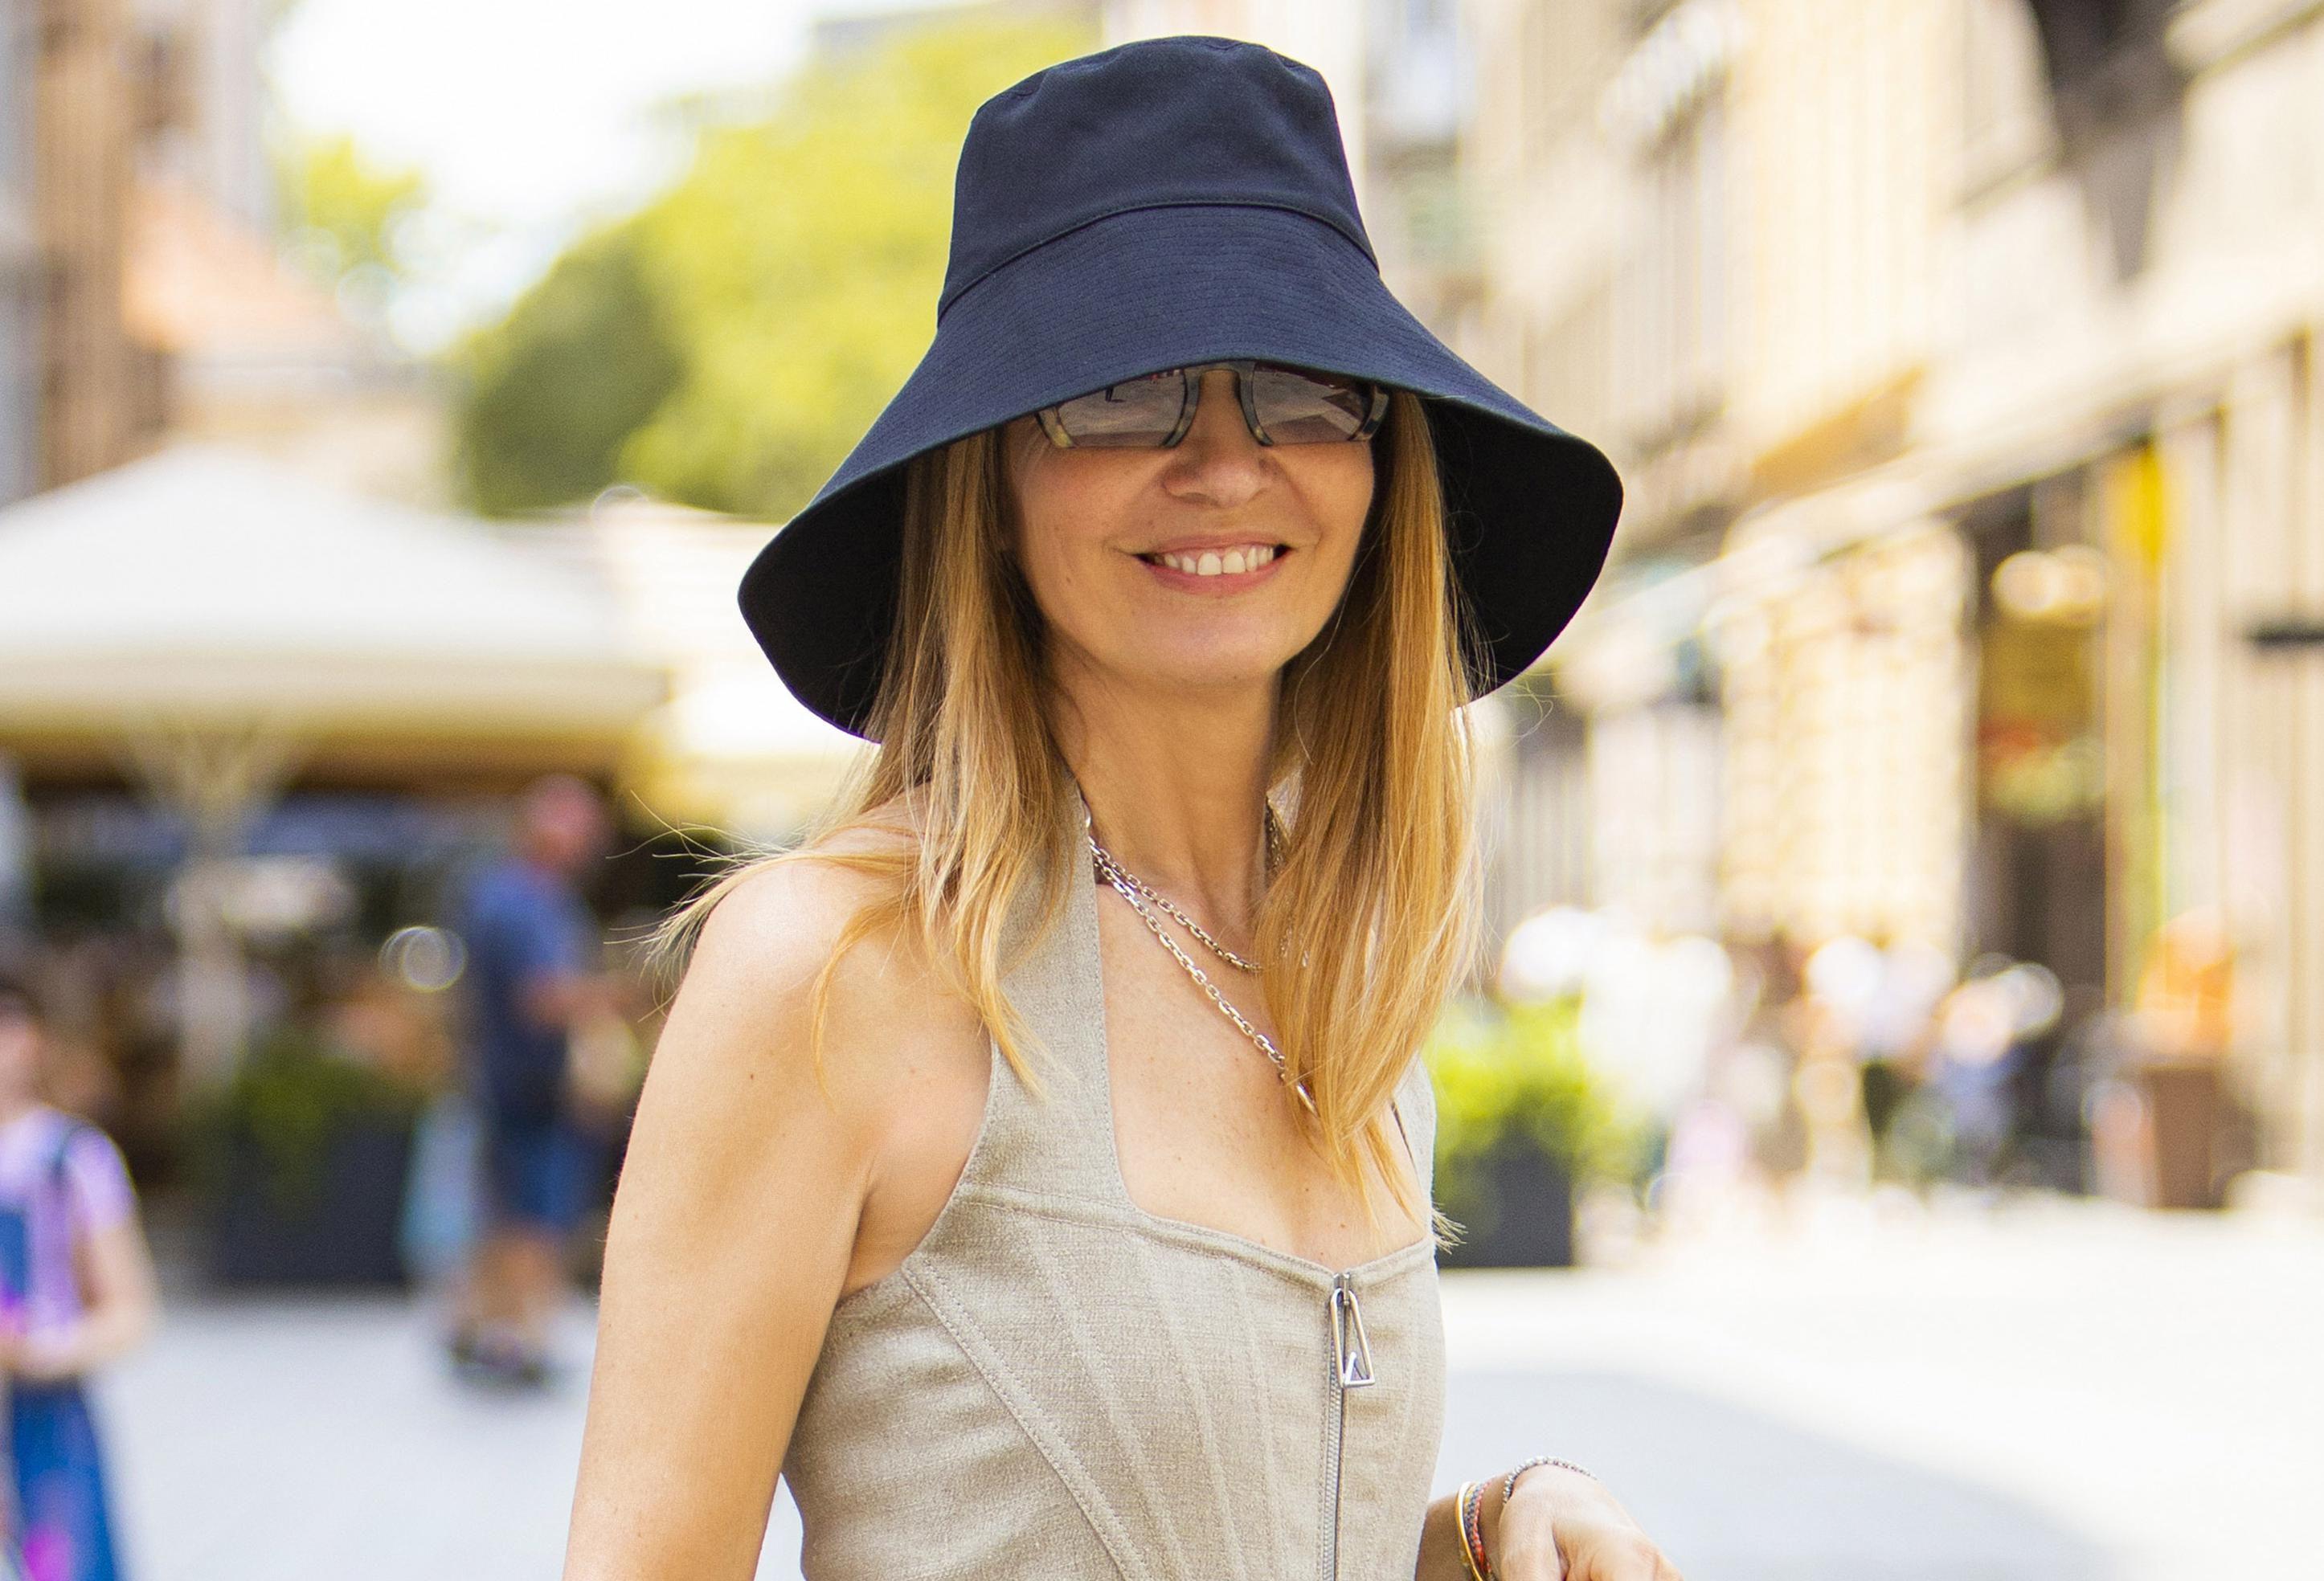 Maja Tedeschi ima stajling rezerviran za najodvažnije: Nosi klompe i haljinu koju smo vidjeli na crvenom tepihu